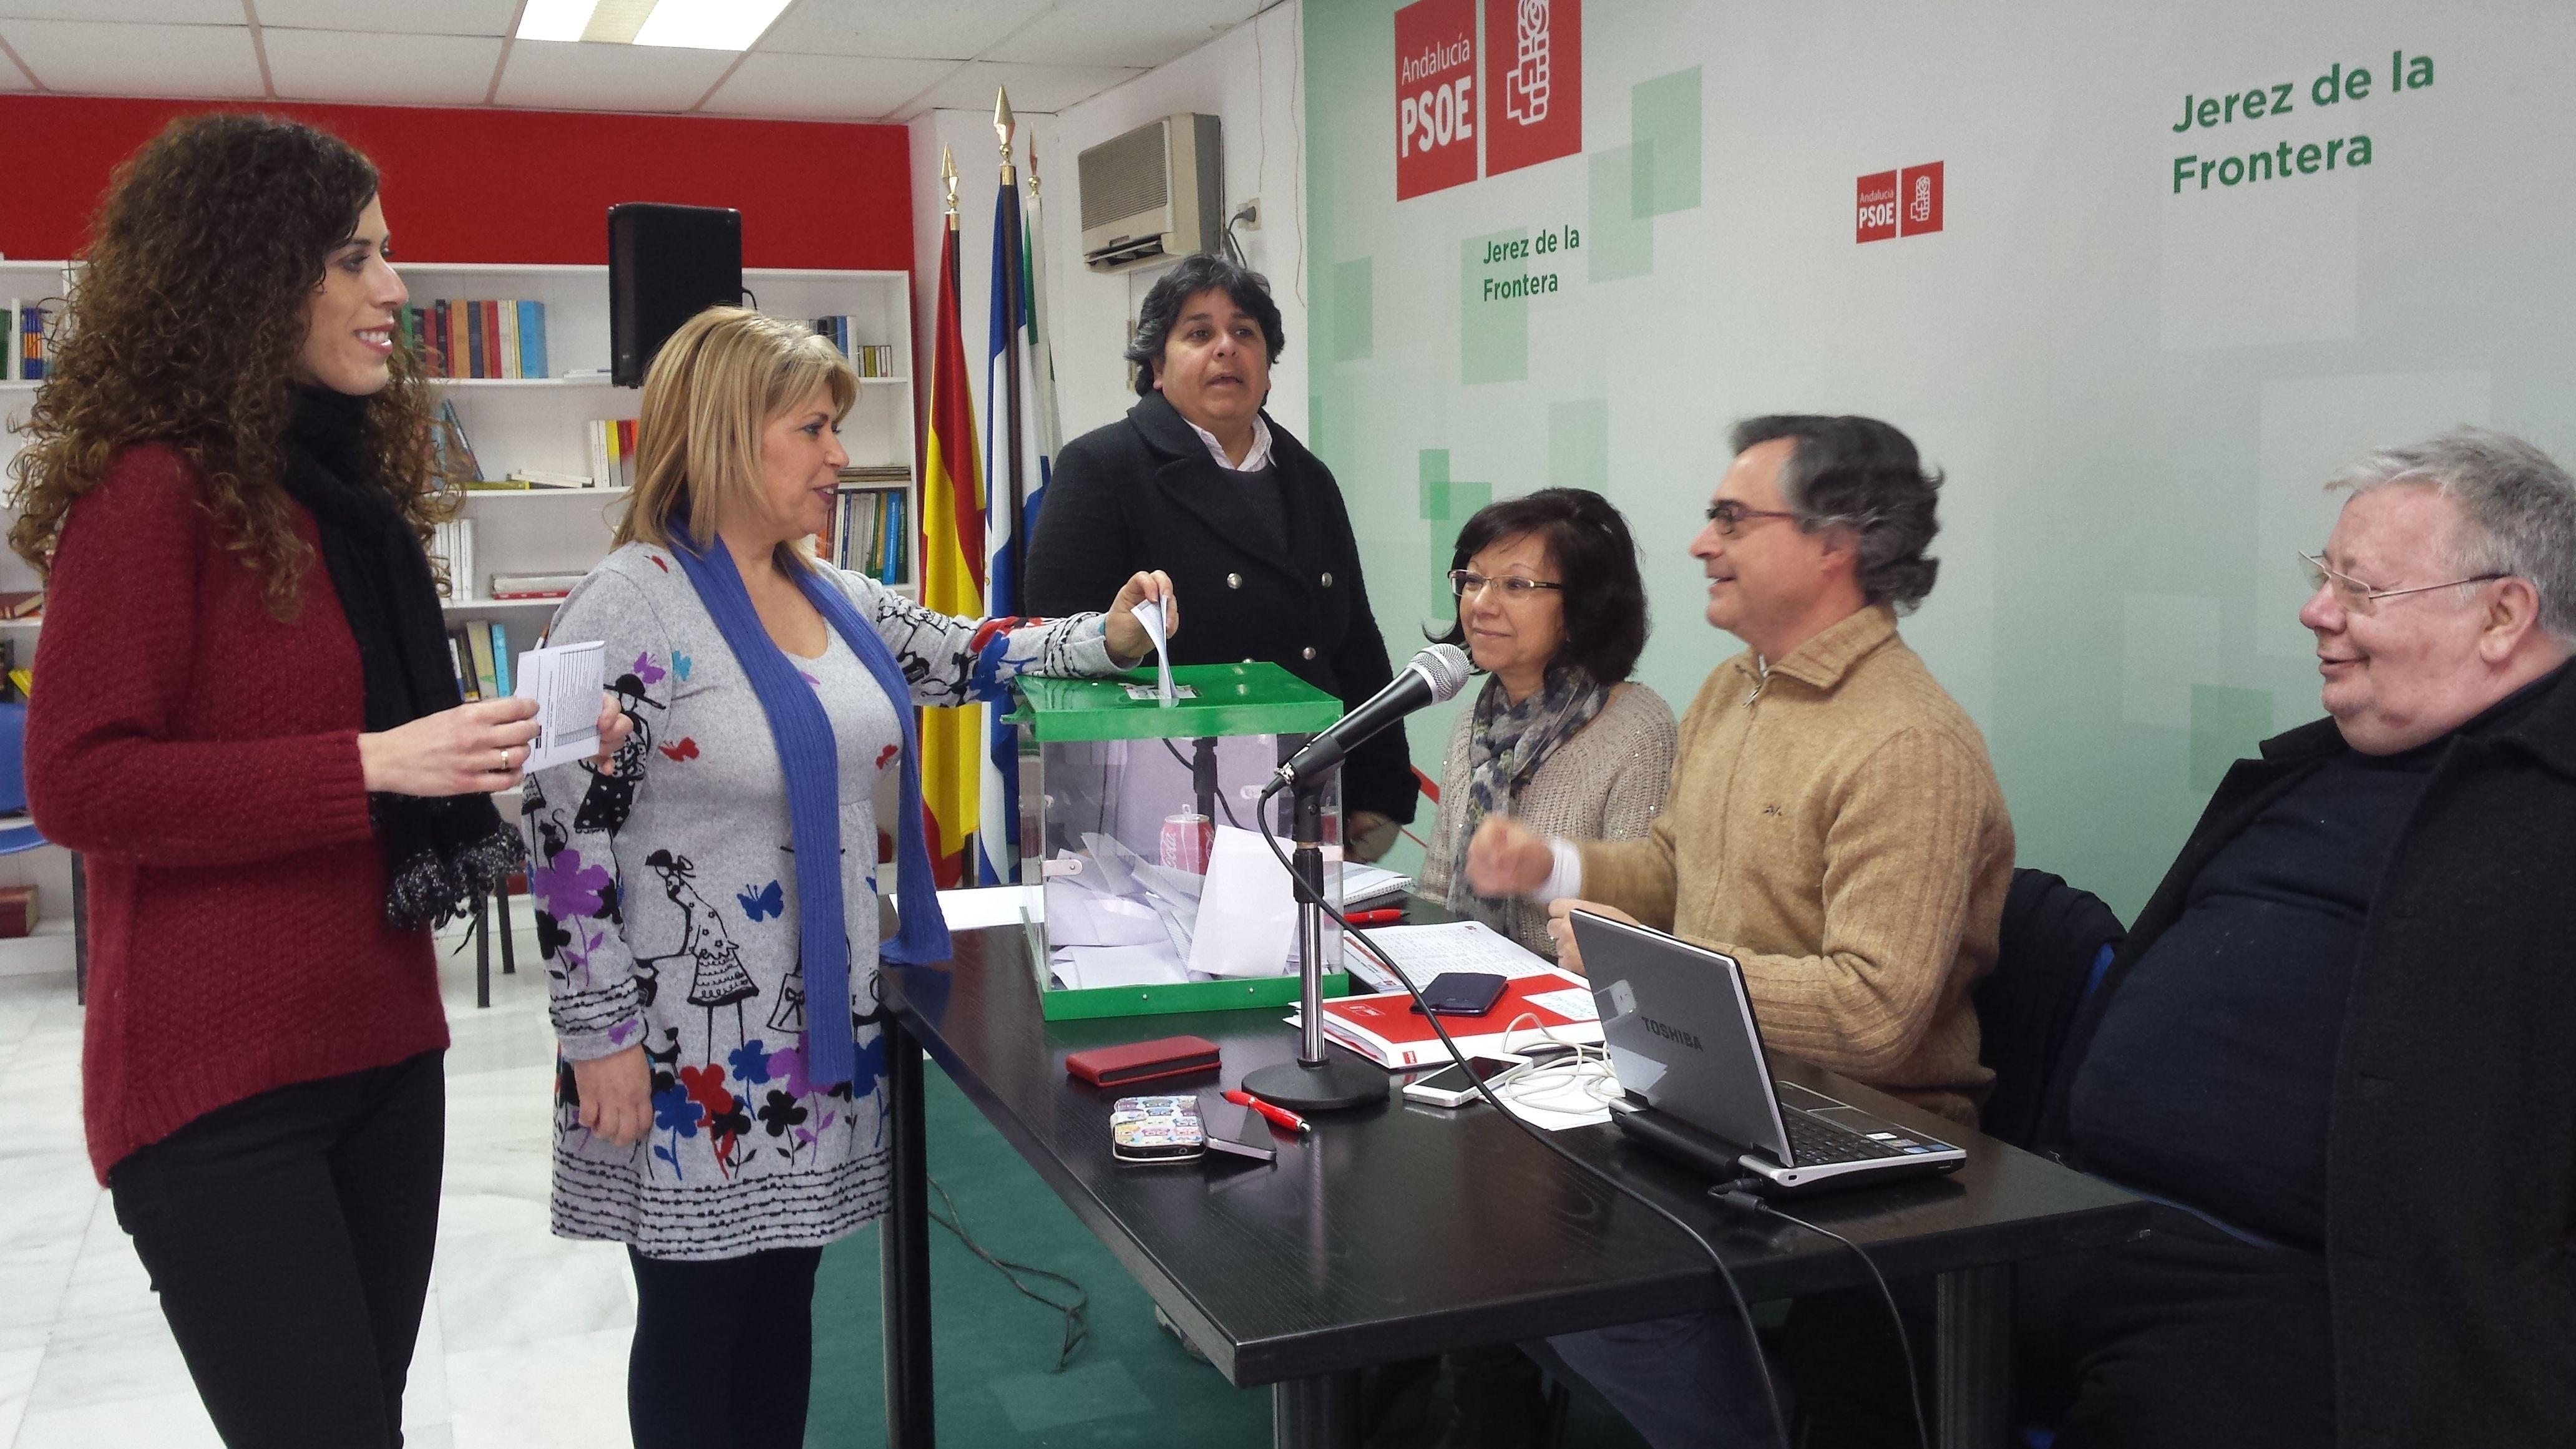 La militancia del psoe a jerez ratifica su nica candidatura a las elecciones municipales el mira - Farmacia guardia puerto del rosario ...